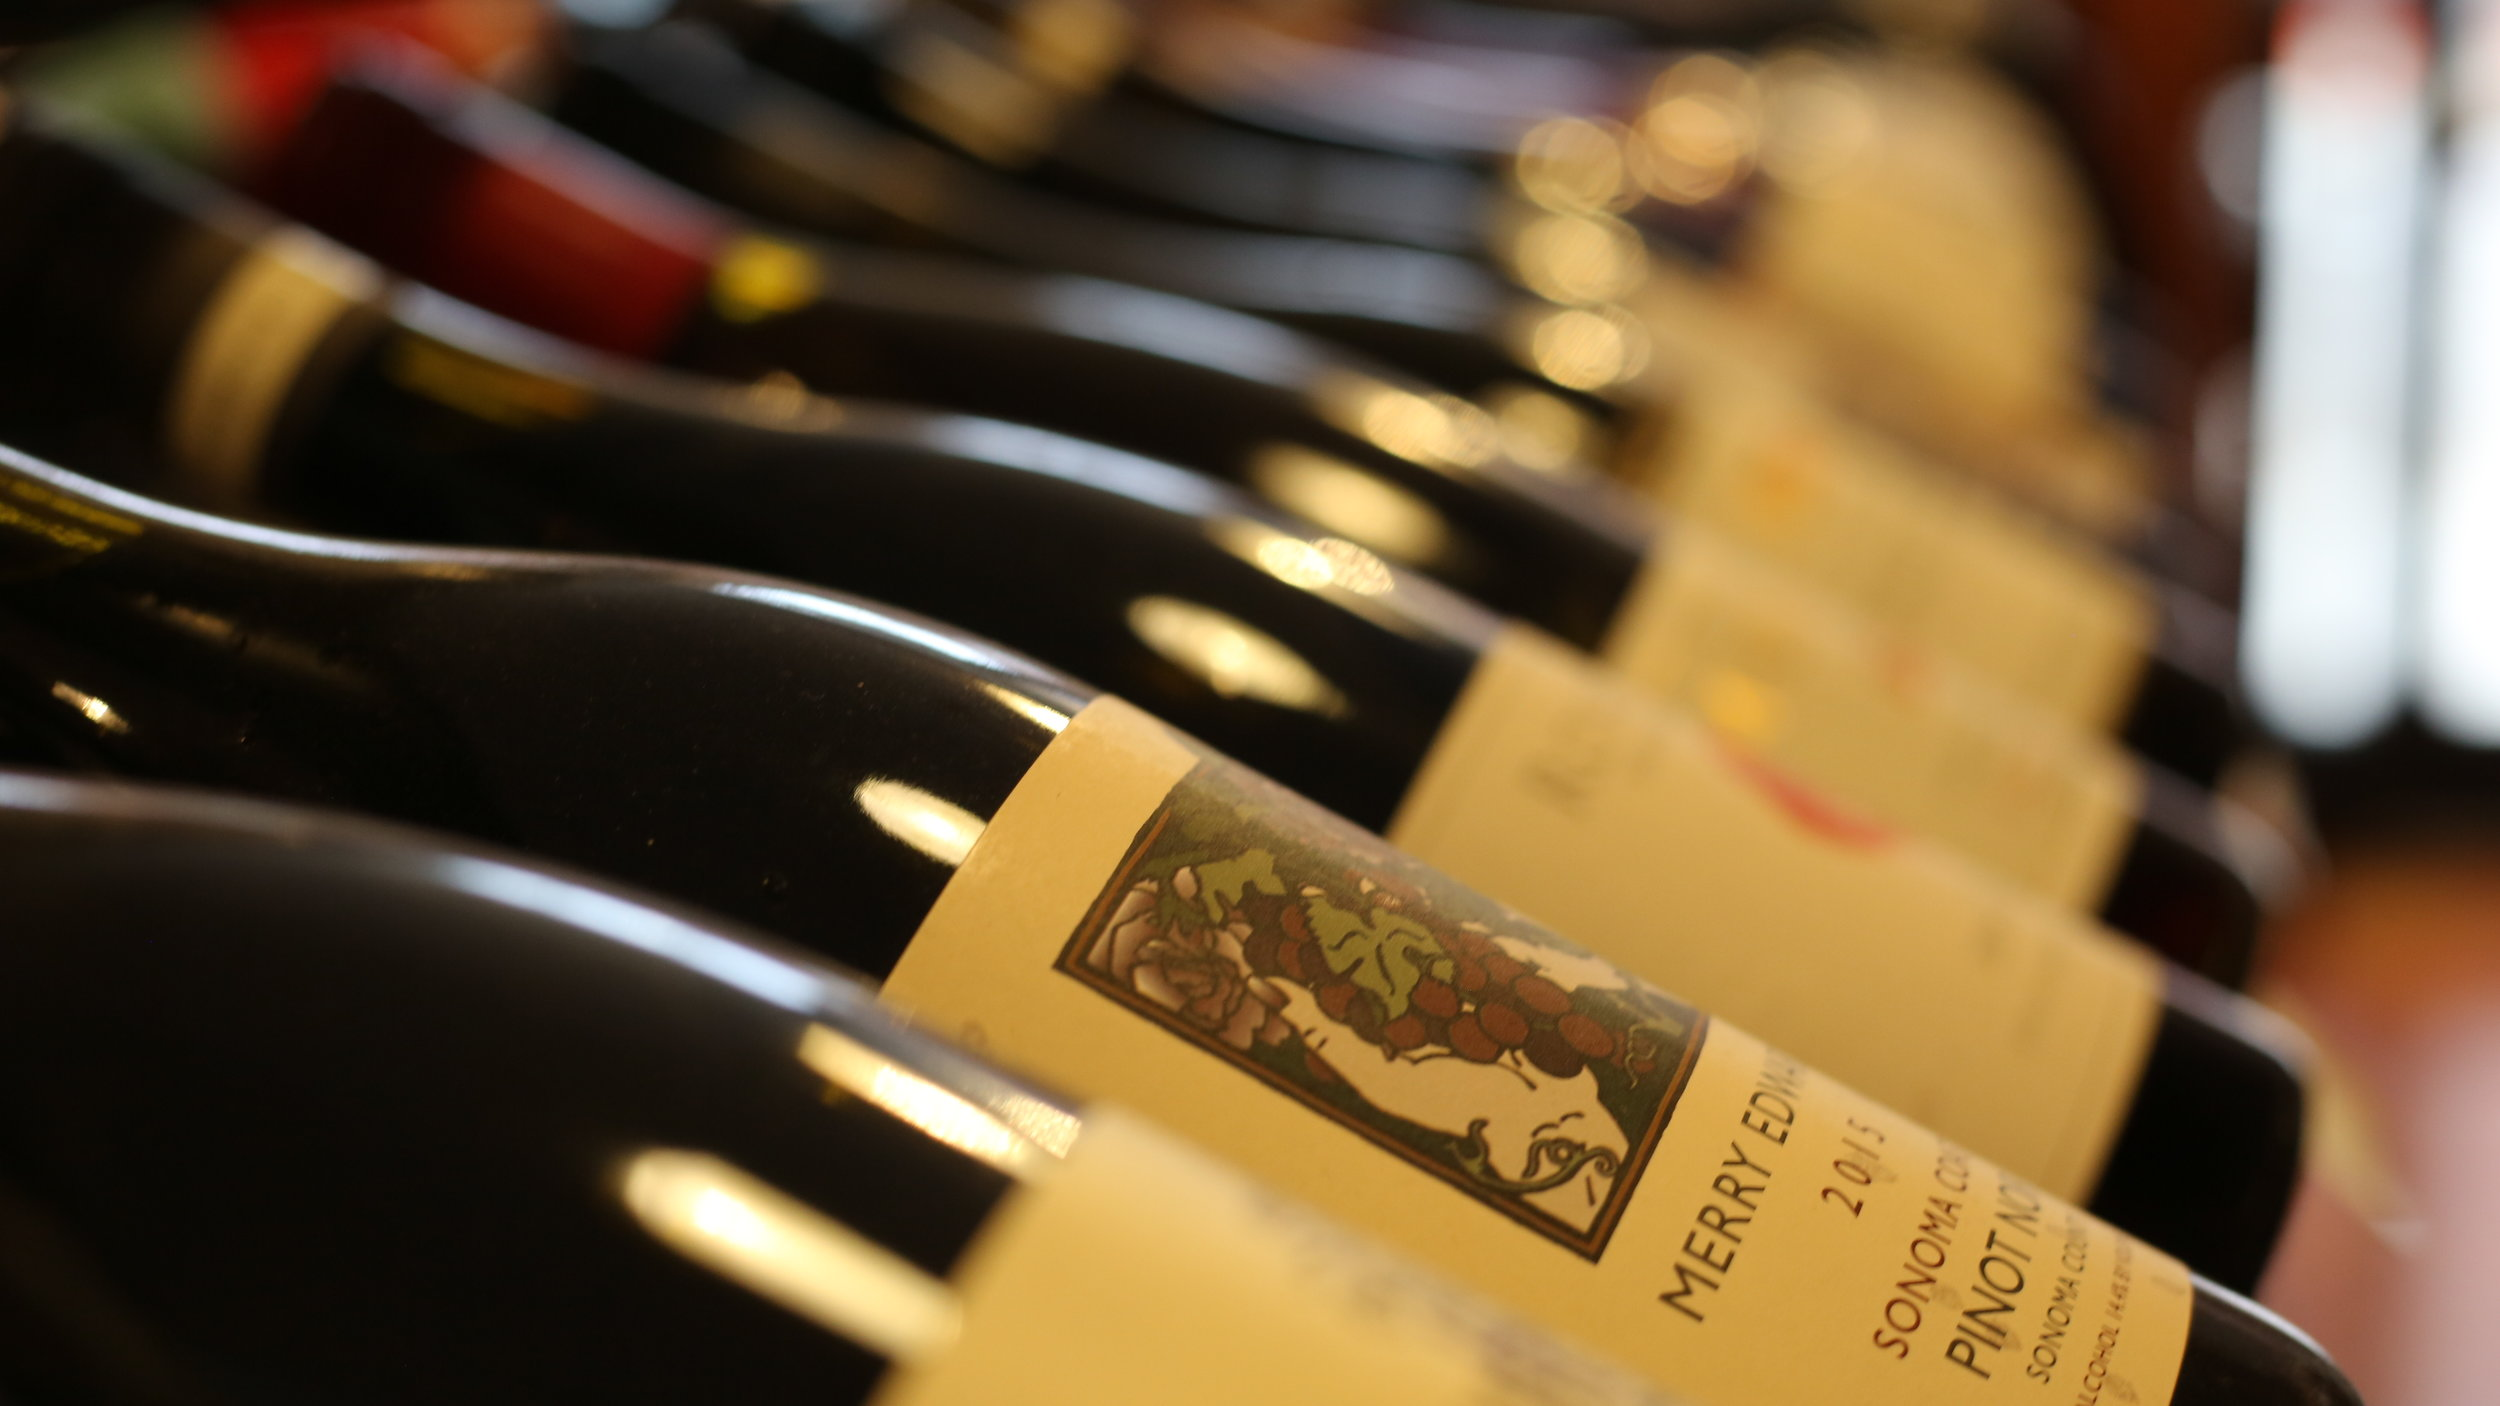 effingham-village-wine-and-spirits-26.jpg